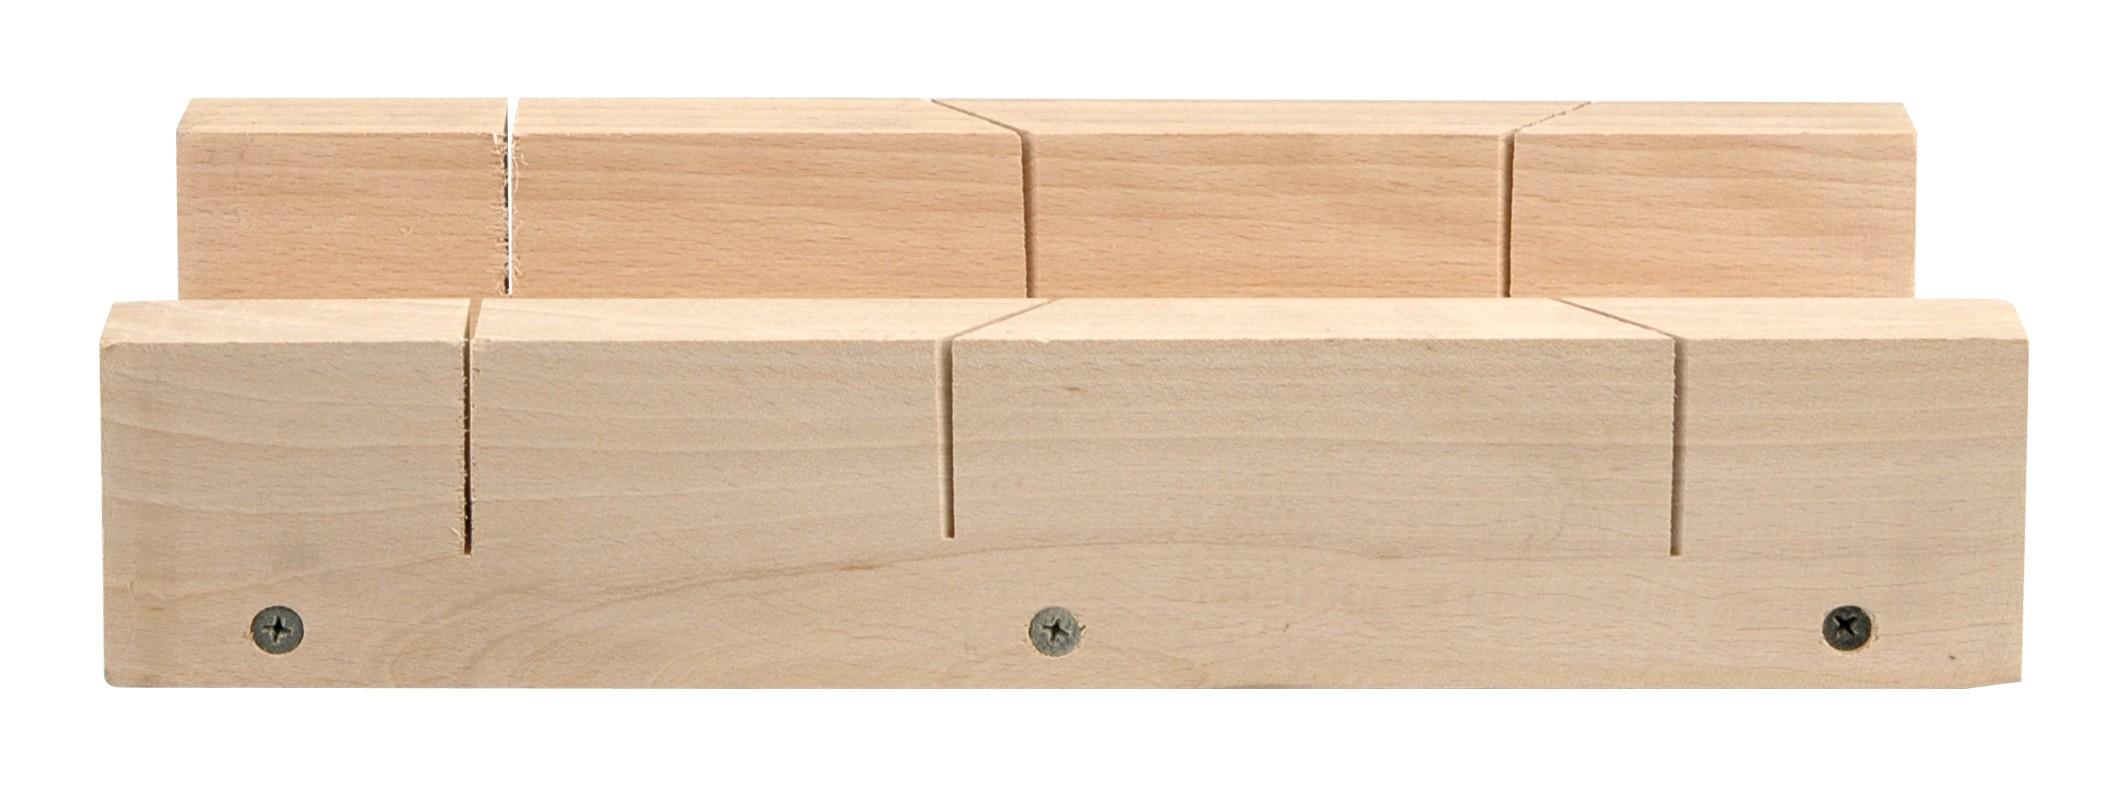 Přípravek na řezání úhlů 300 x 80 mm dřevěný